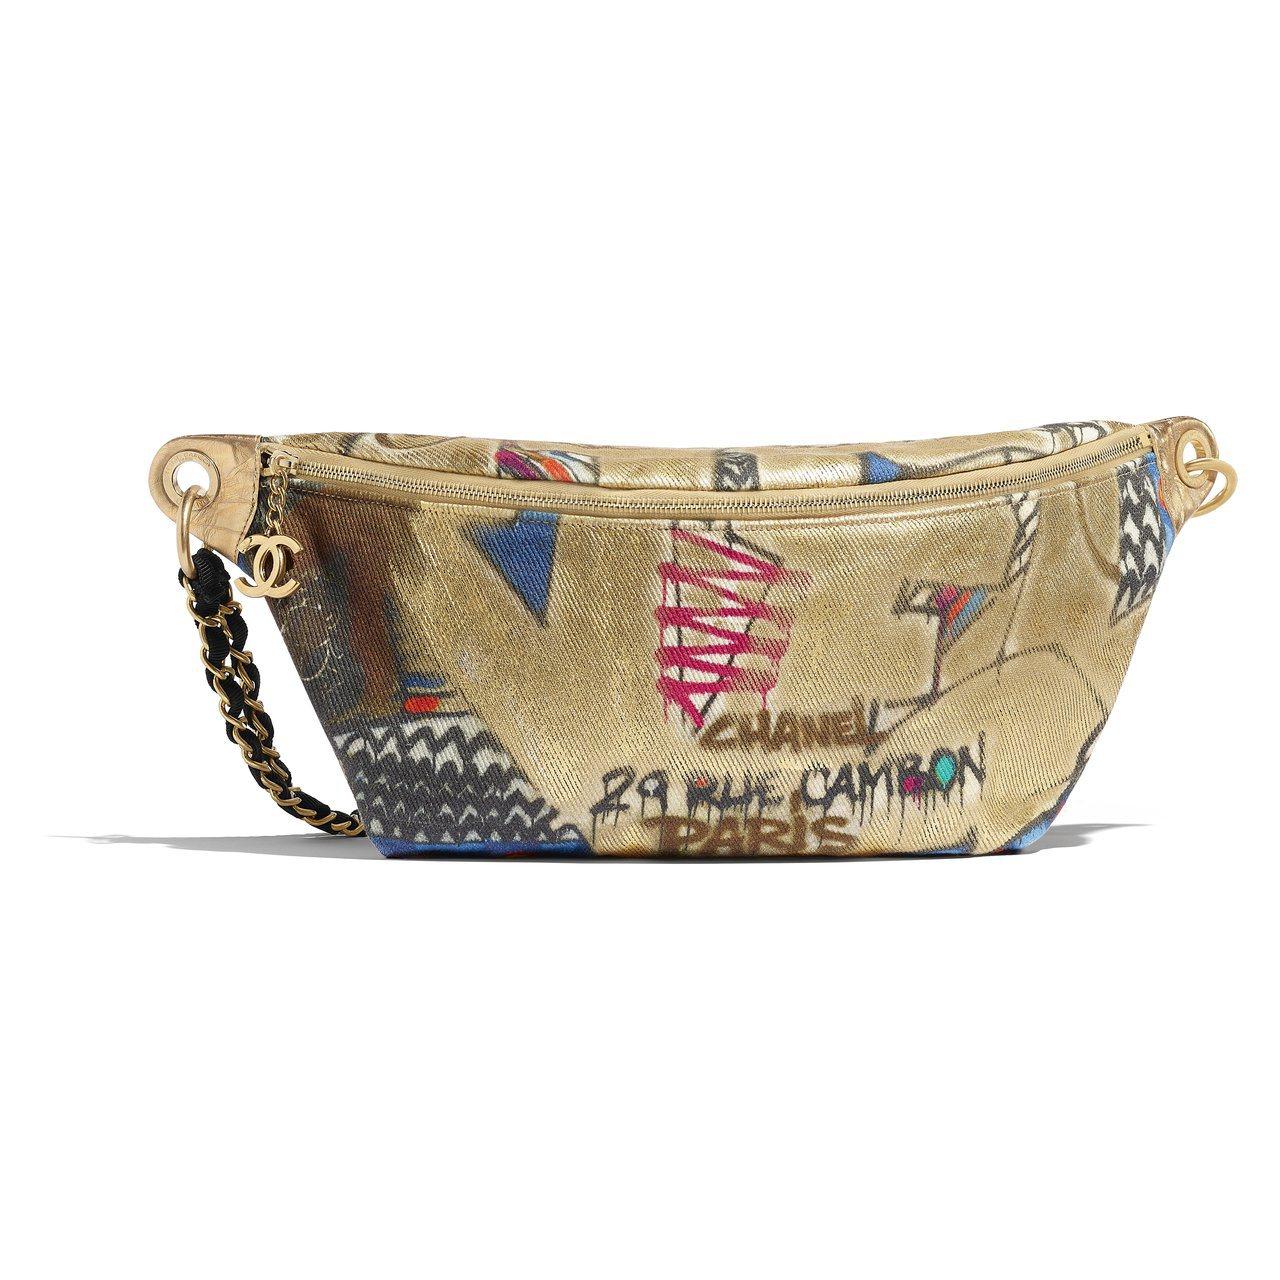 金色塗鴉鍊帶腰包,95,600元。圖/香奈兒提供